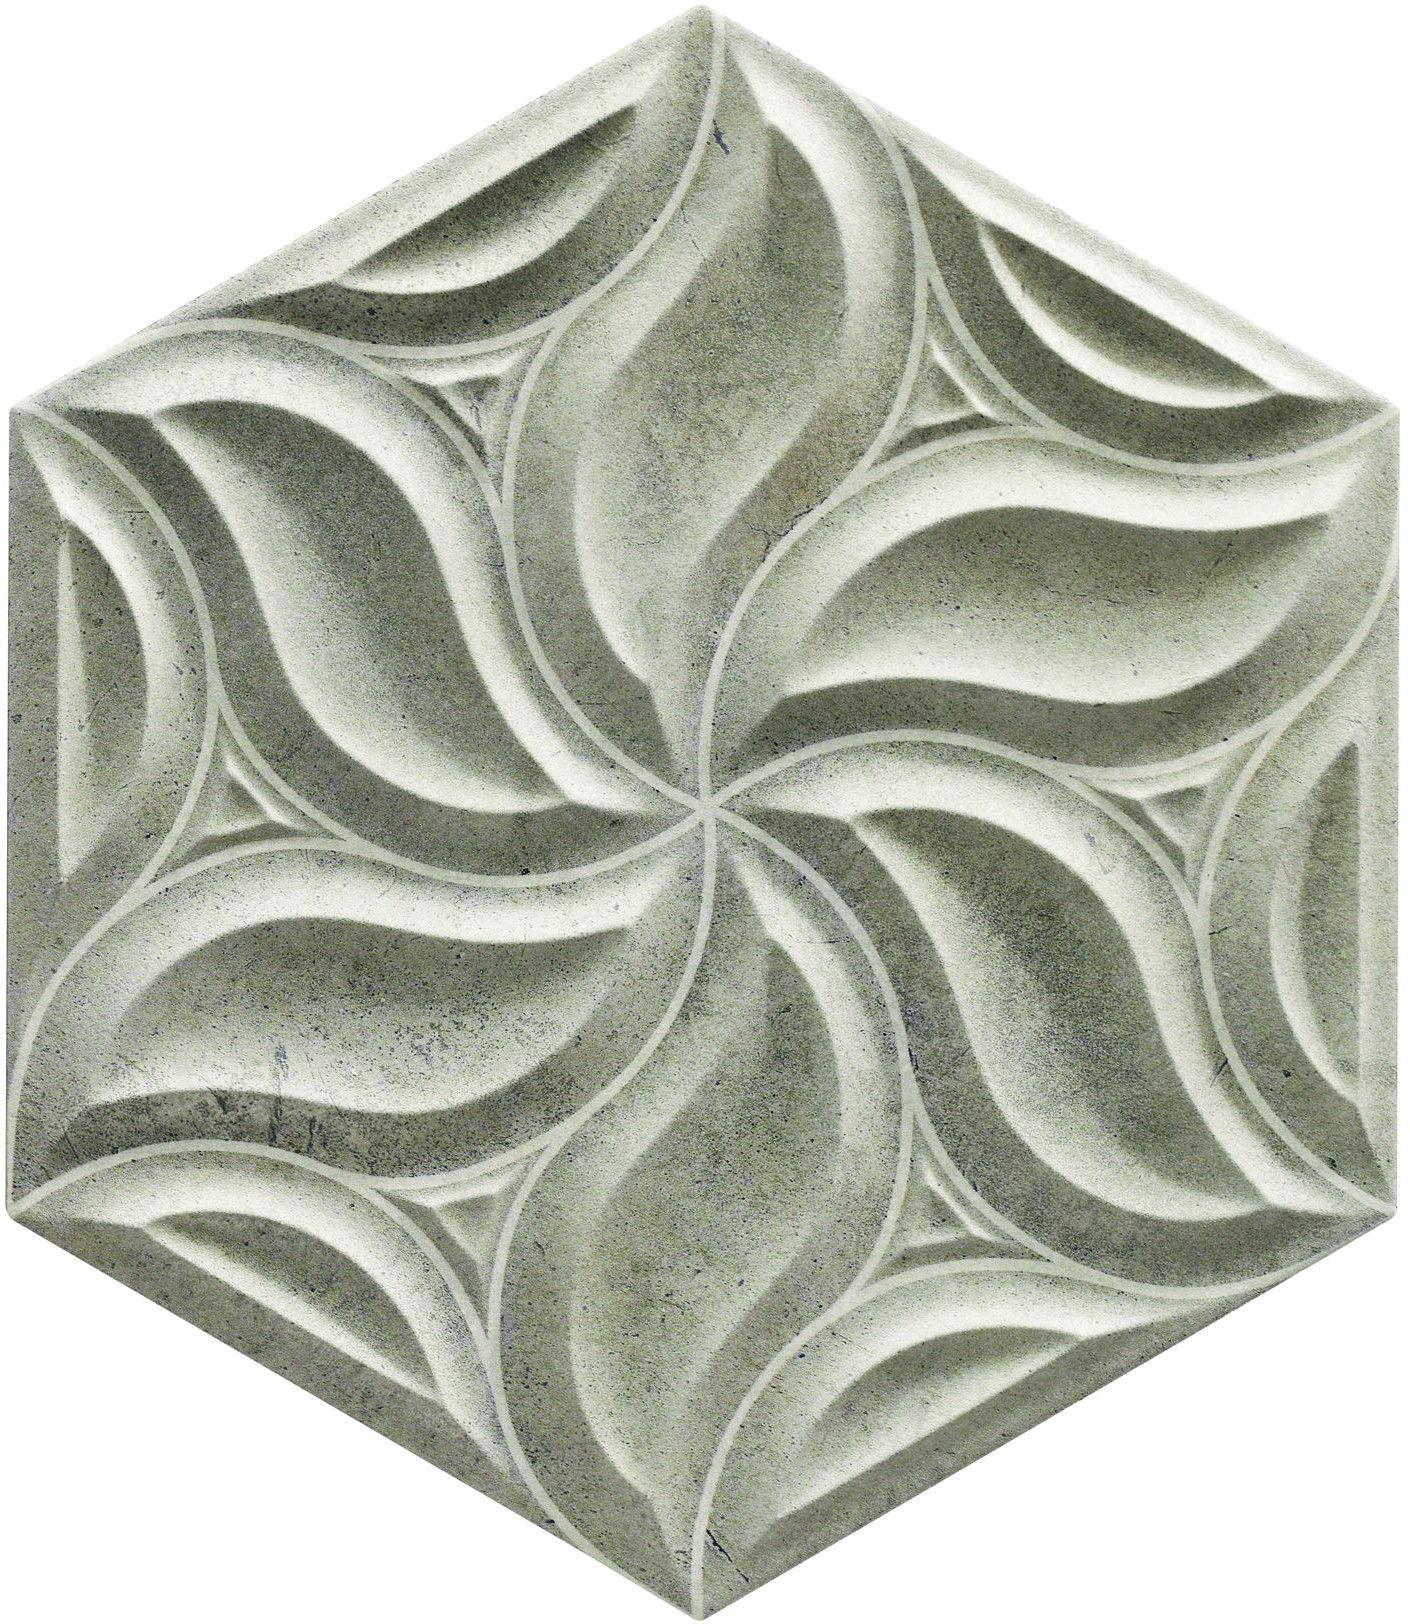 Habitat Ivy Concrete 28,5x33 płytki ścienne heksagonalne